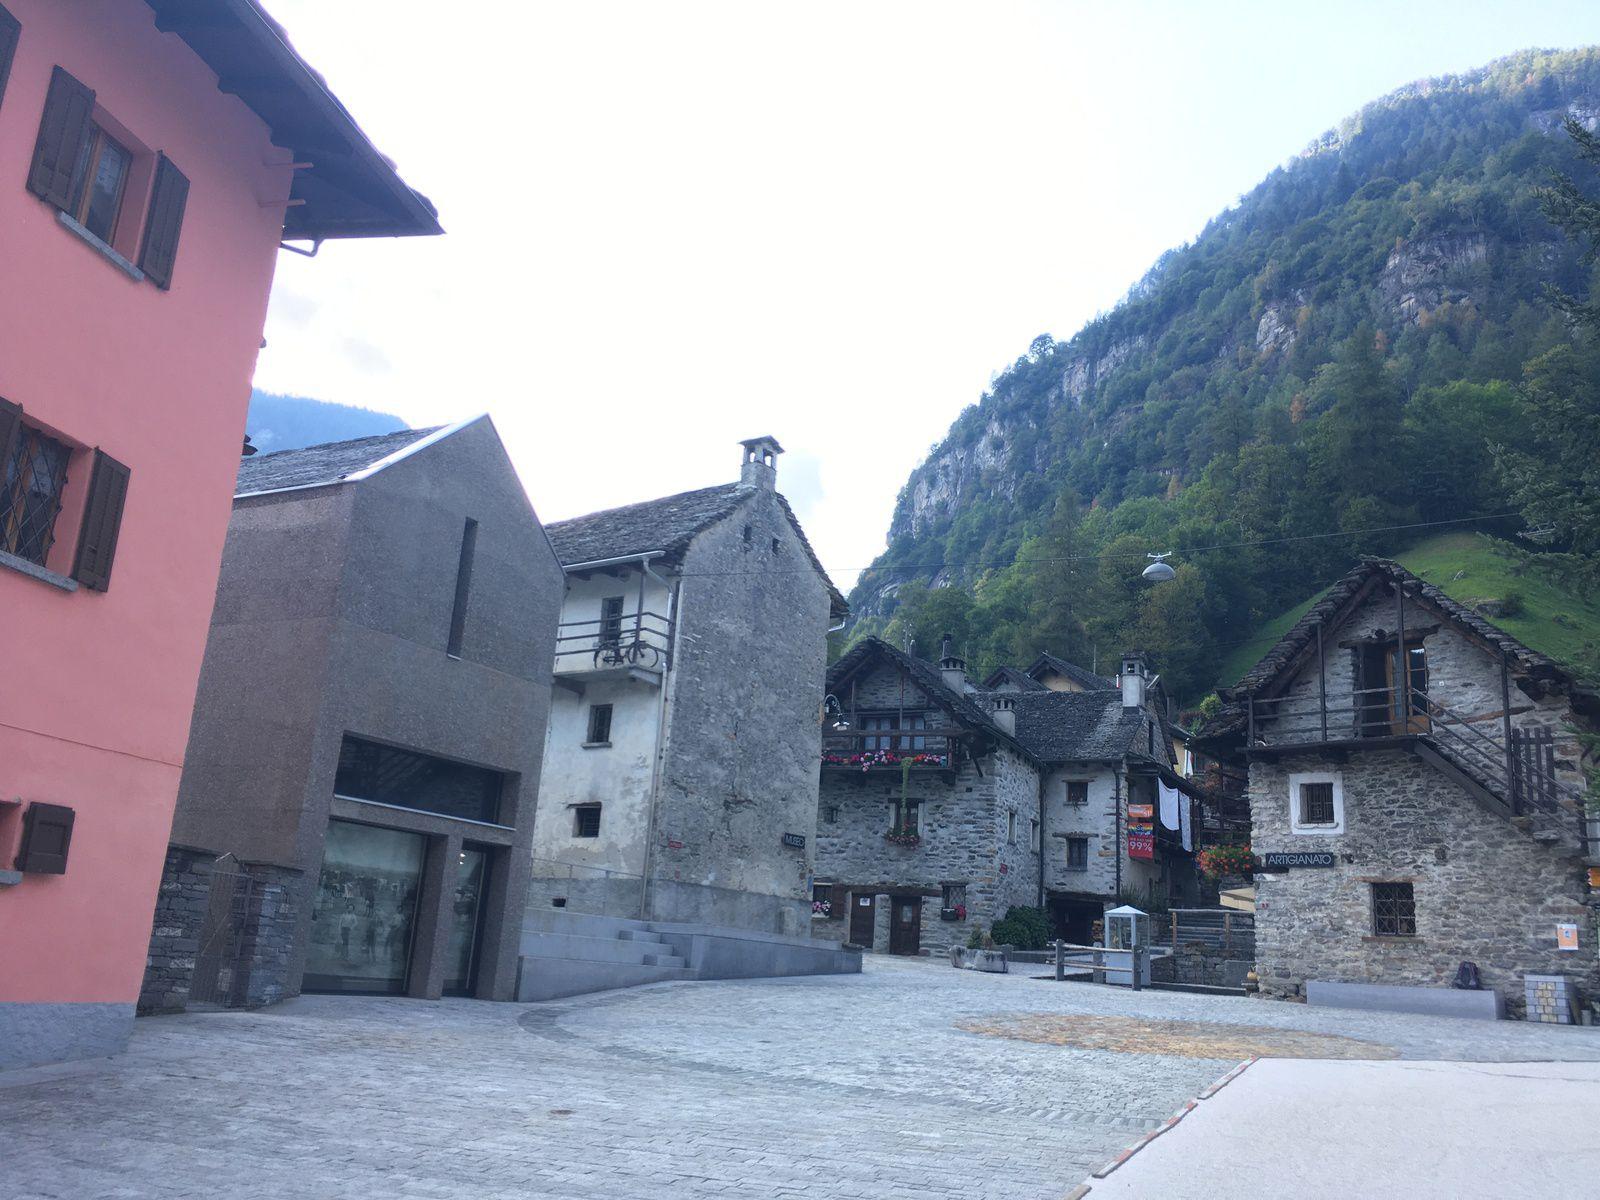 13 septembre 2021 : Valle Verzasca